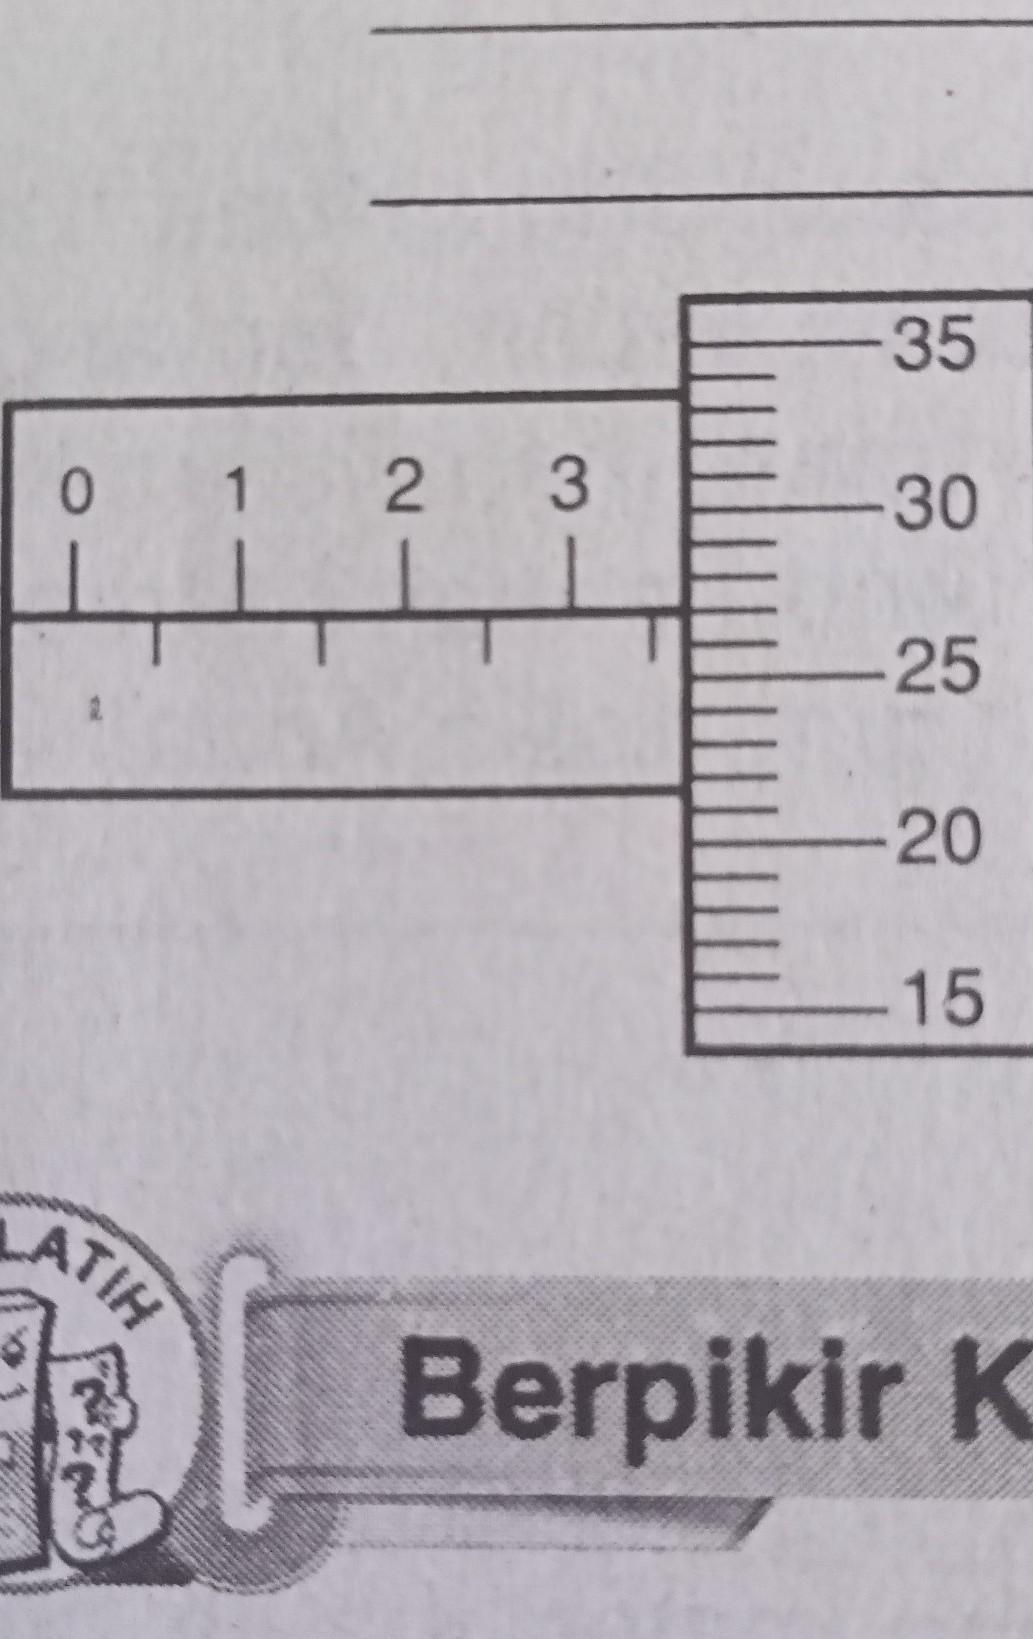 Pengukuran Mikrometer Sekrup : pengukuran, mikrometer, sekrup, Perhatikan, Gambar, Mikrometer, Sekrup, Samping, !Tentukan, Ketidakpastian, Relatif, Hasil, Brainly.co.id